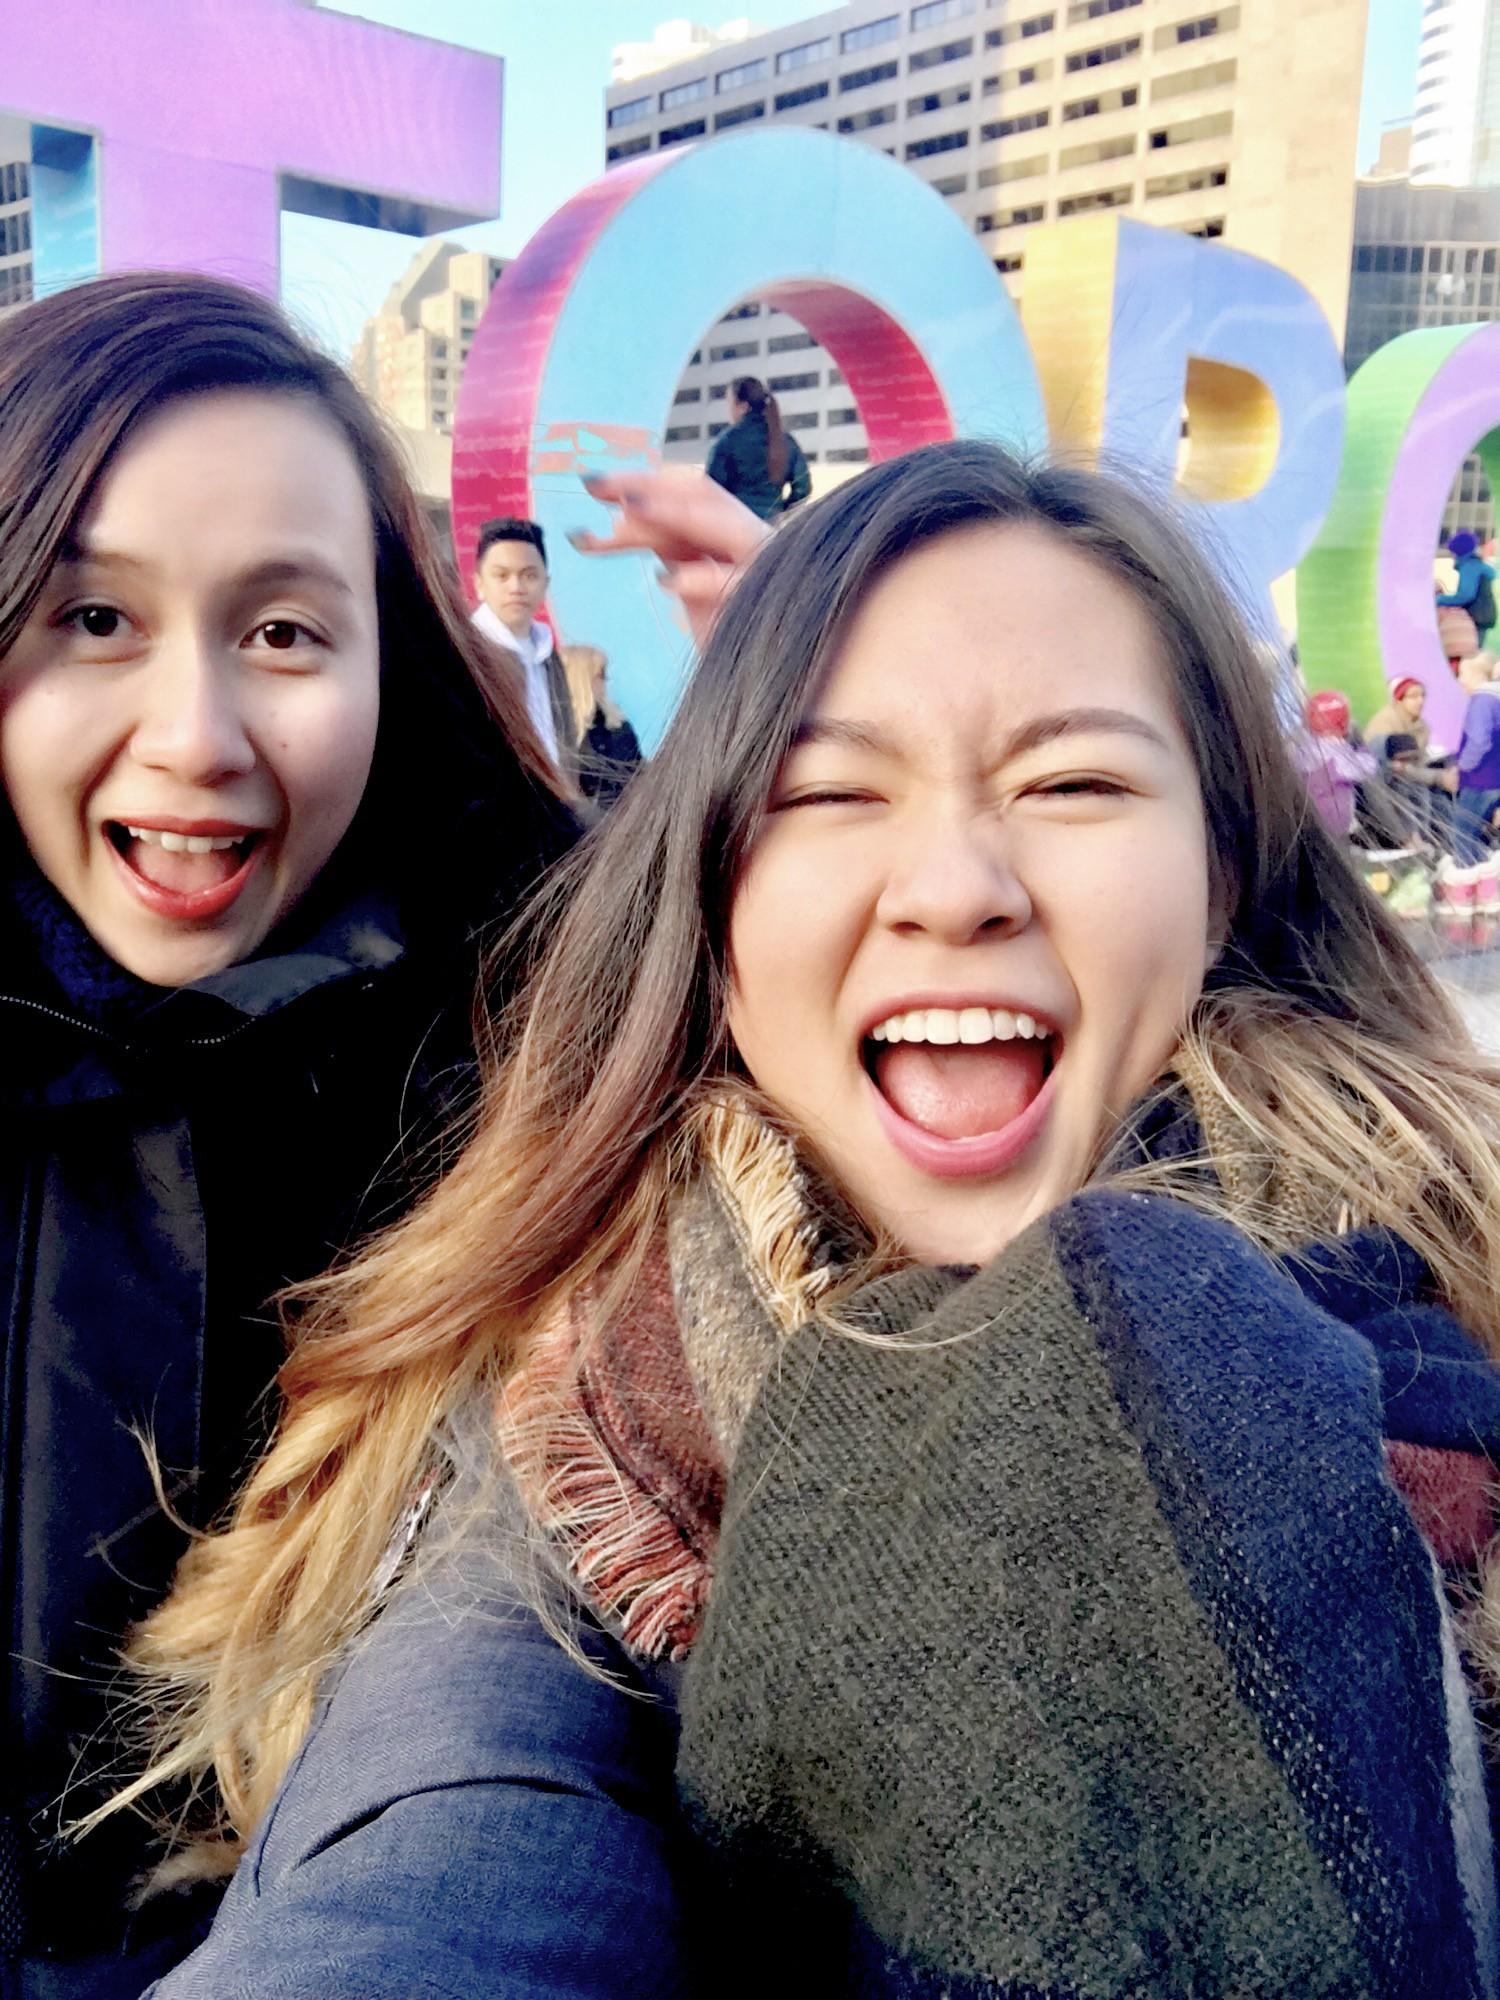 Du học sinh Việt hòa mình vào không khí chào năm mới khắp thế giới - Ảnh 8.